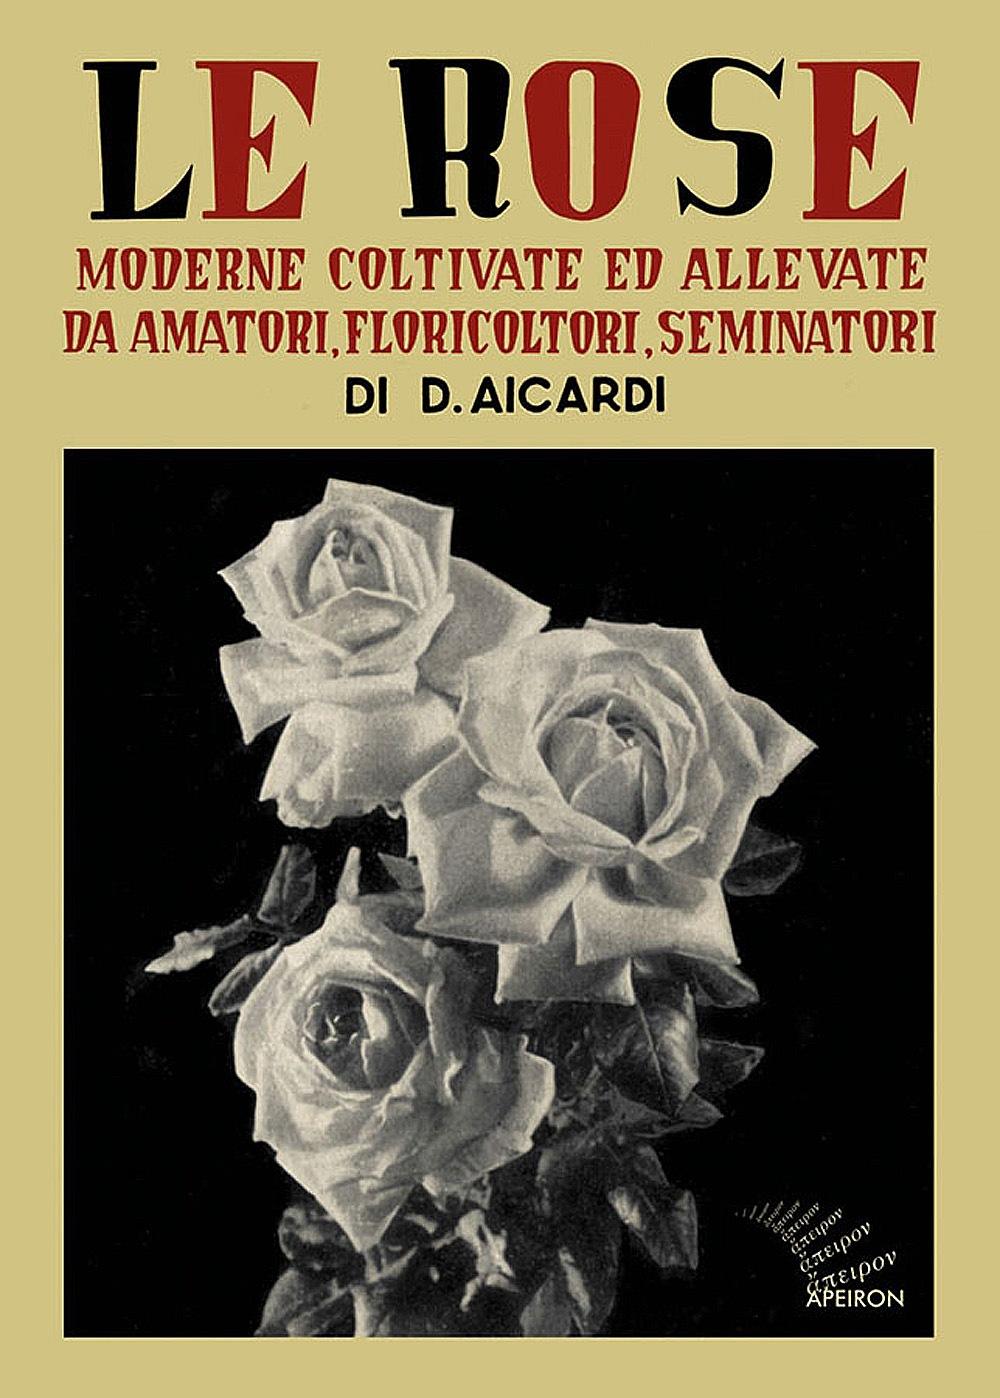 Le Rose moderne coltivate ed allevate da amatori, floricoltori, seminatori